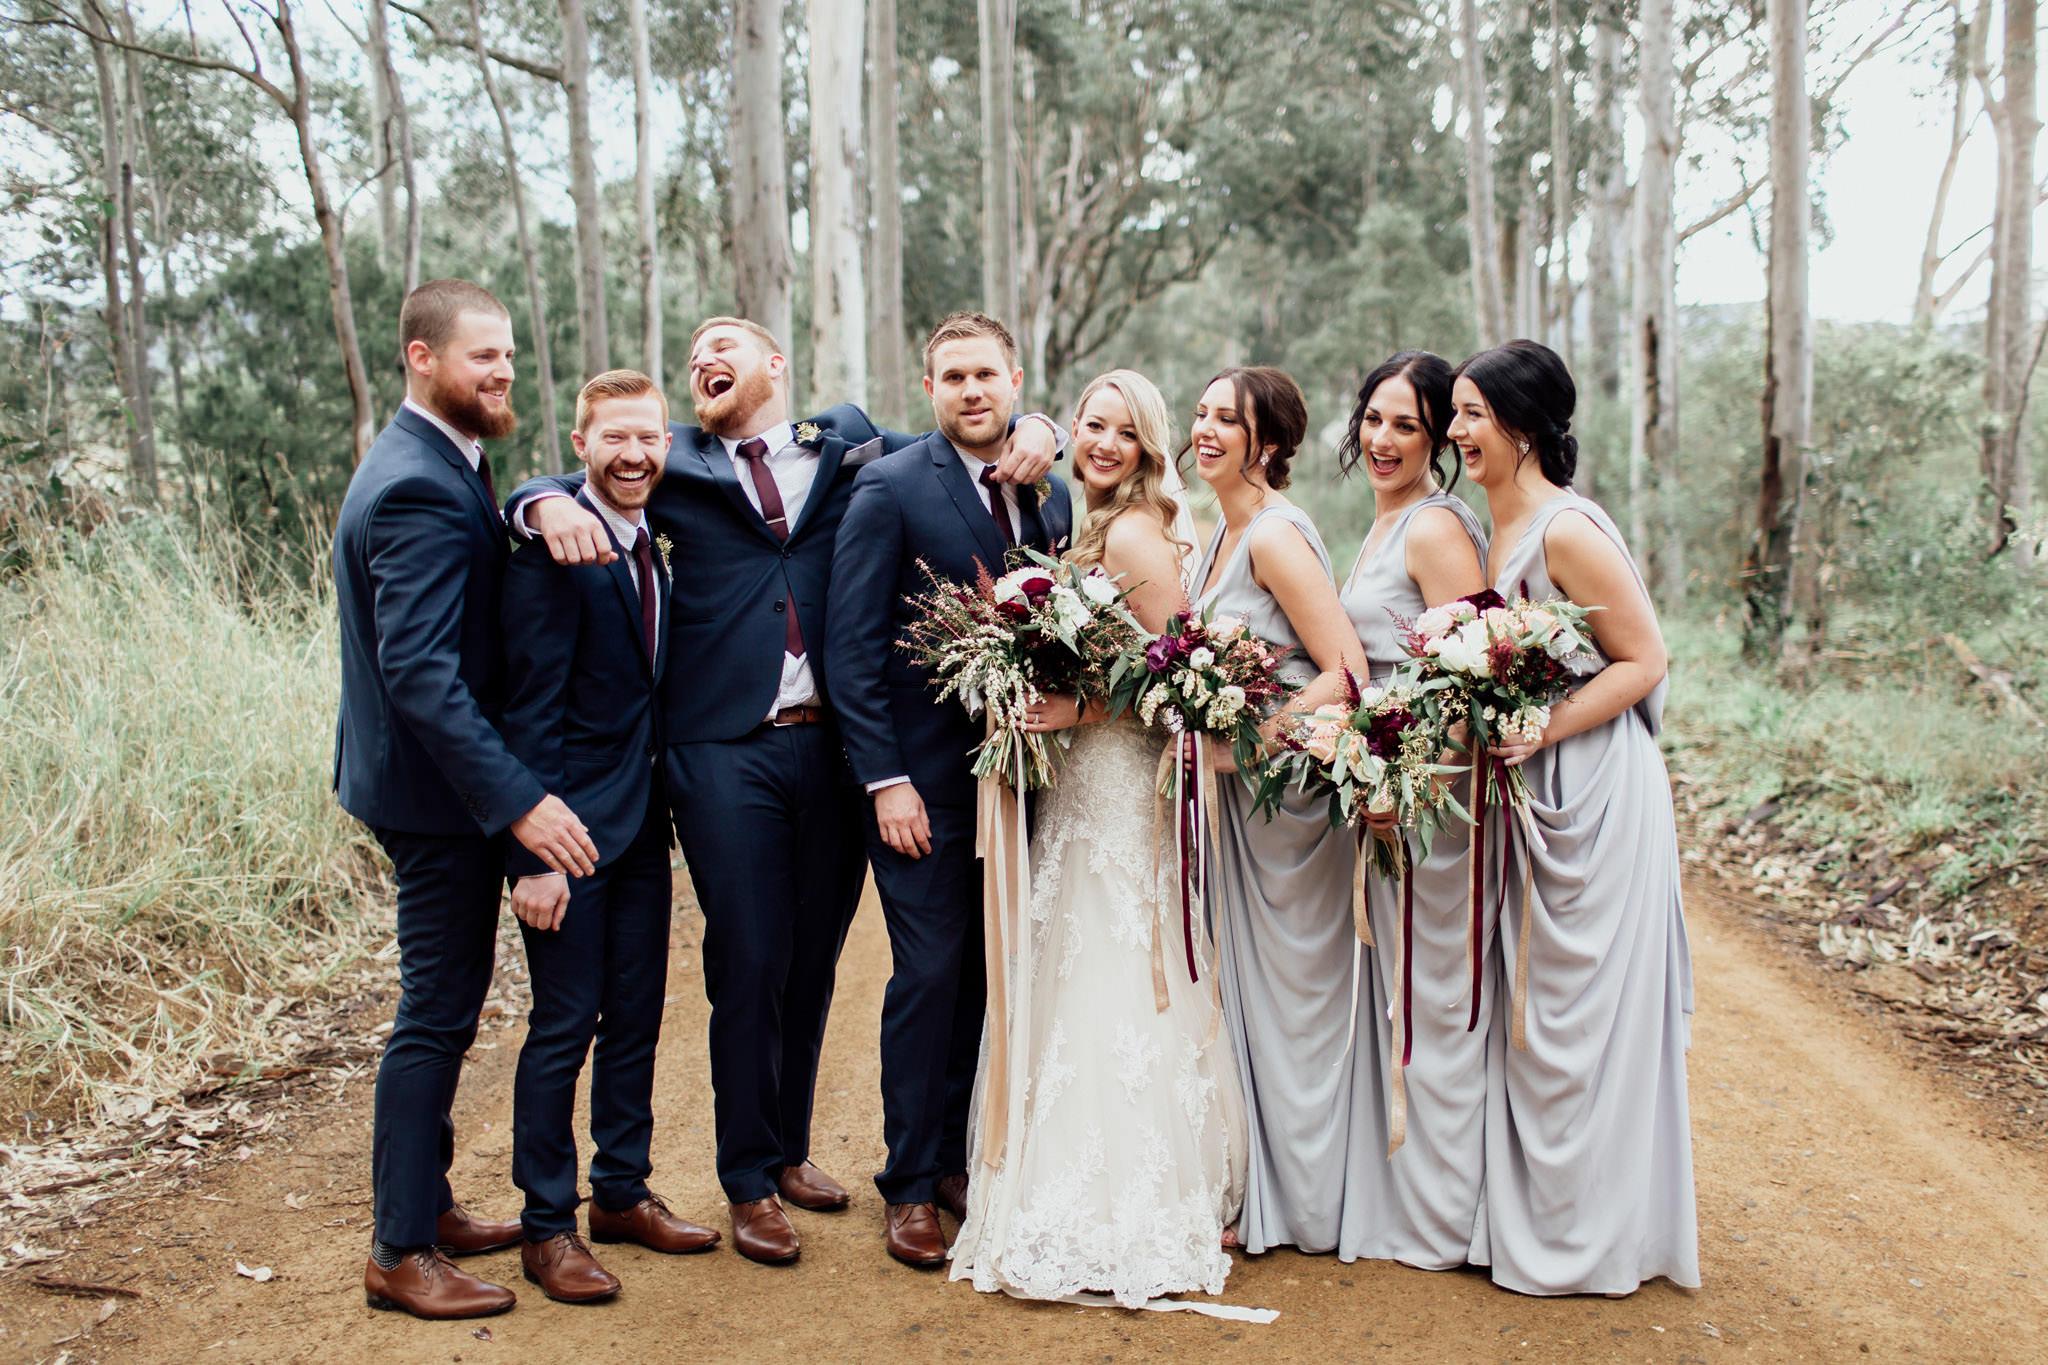 WeddingPhotos_Facebook_2048pixels-1072.jpg